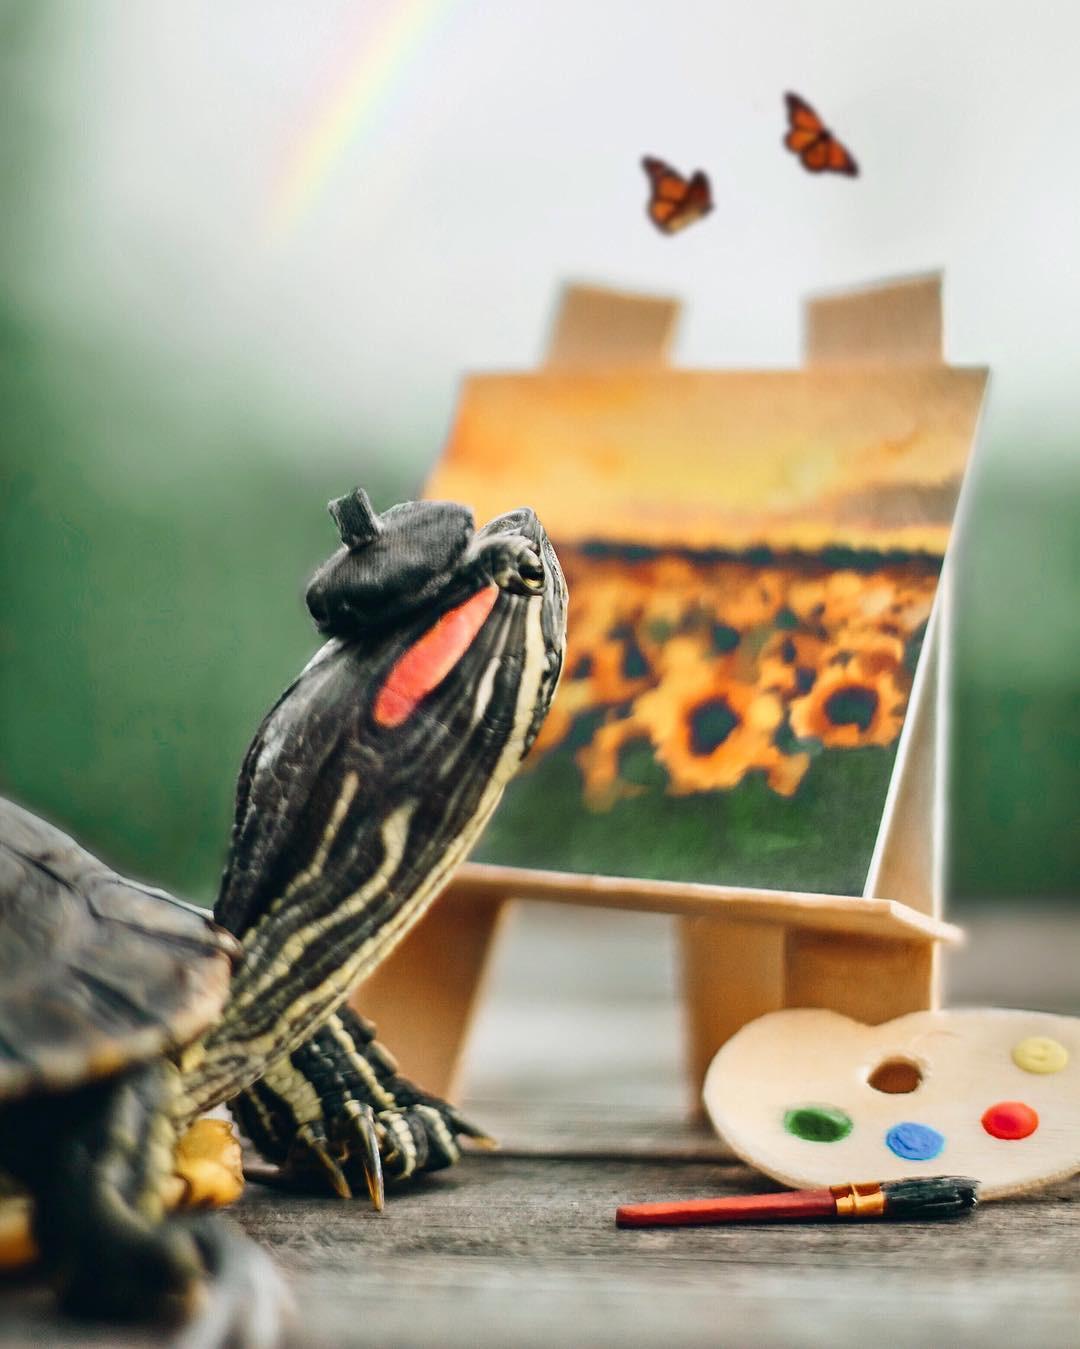 Cuộc sống sang chảnh của 2 chú rùa tai đỏ đang chiếm trọn trái tim người dùng Instagram - Ảnh 12.